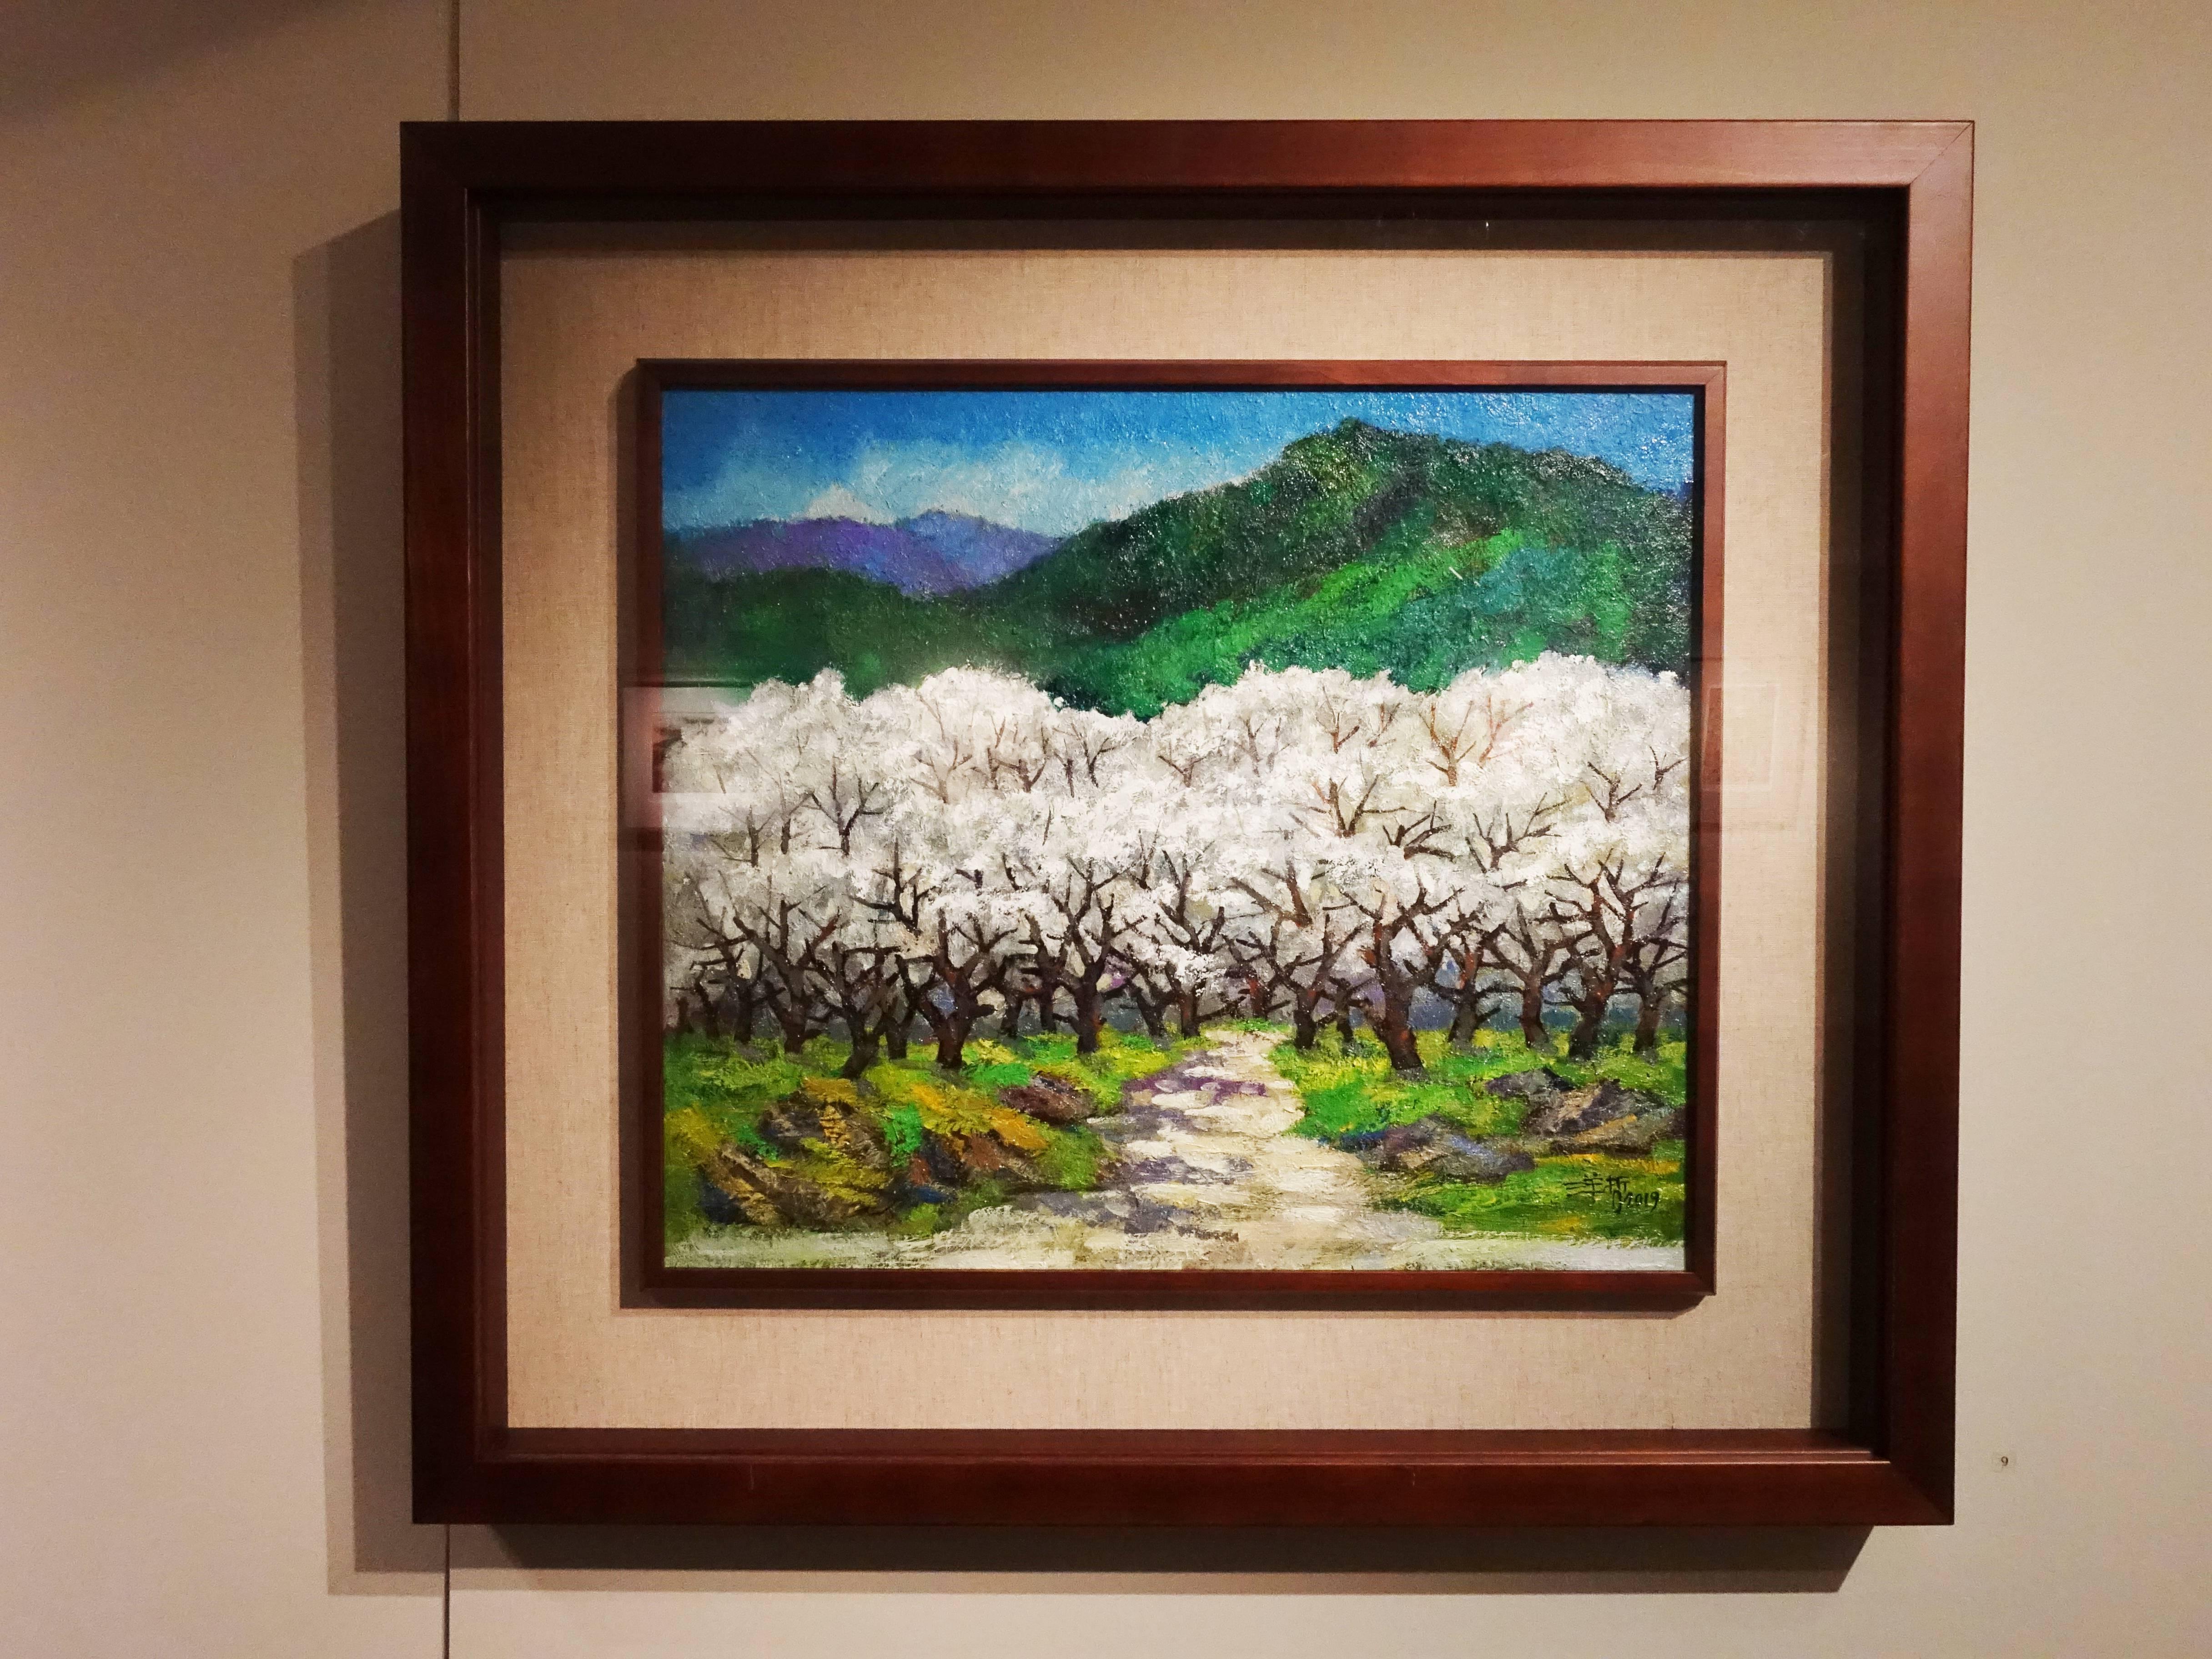 劉洋哲,《風櫃斗梅園》,45.5 x 53 cm,1/1,油彩,2019。